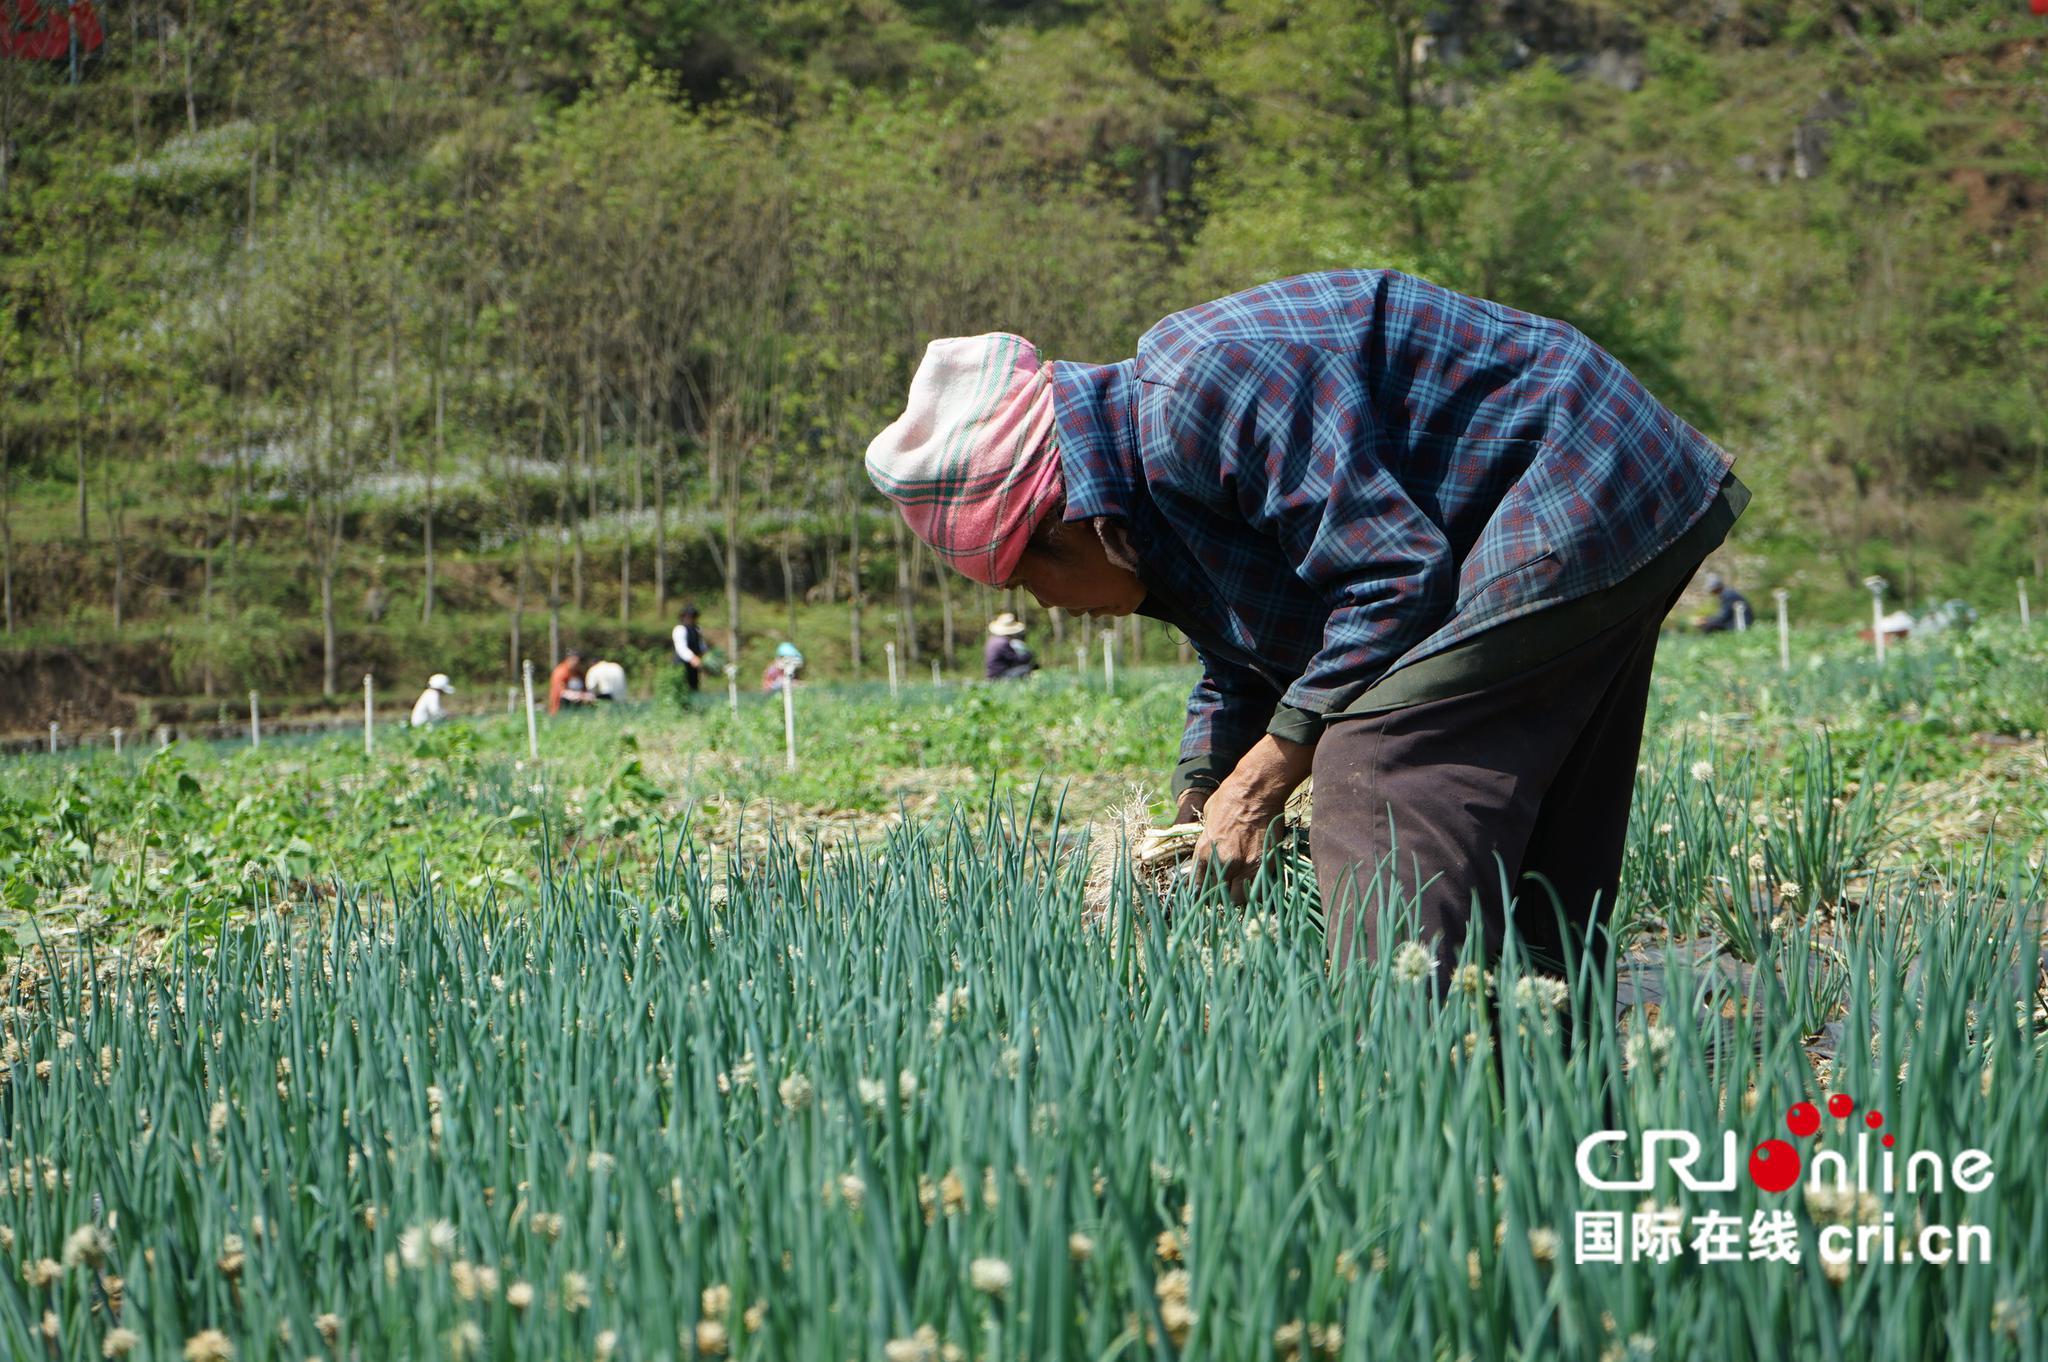 【壮丽70年奋斗新时代】毕节赫章:万亩香葱惠农家